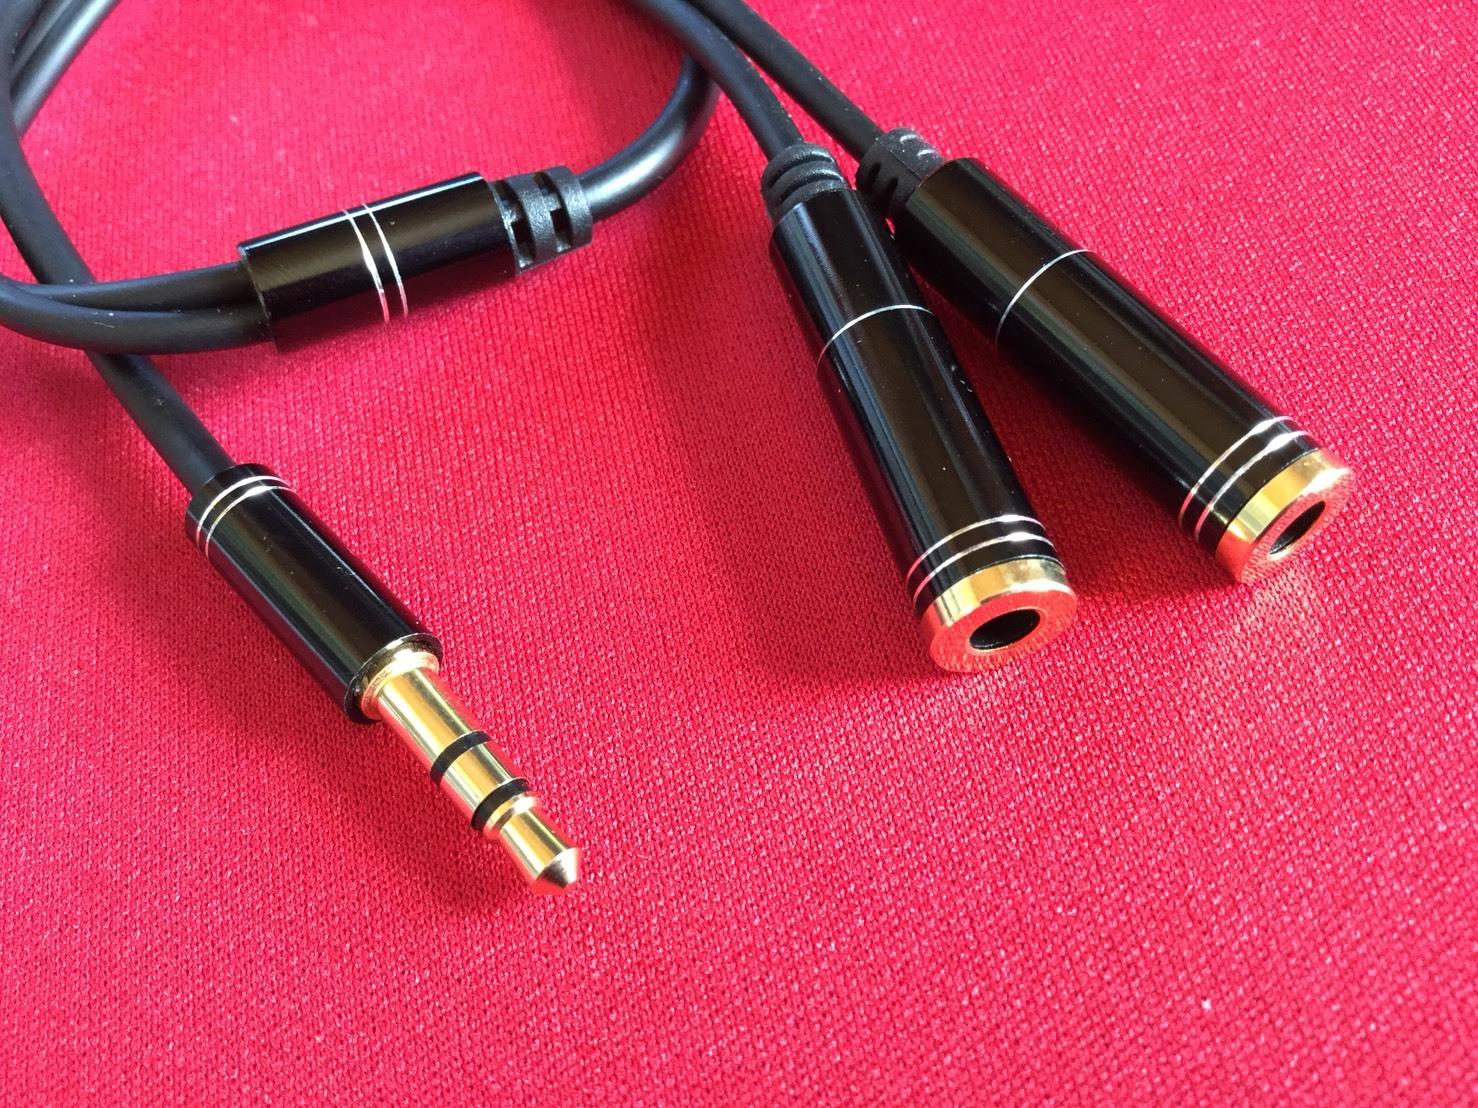 Bluetoothのヘッドホン14